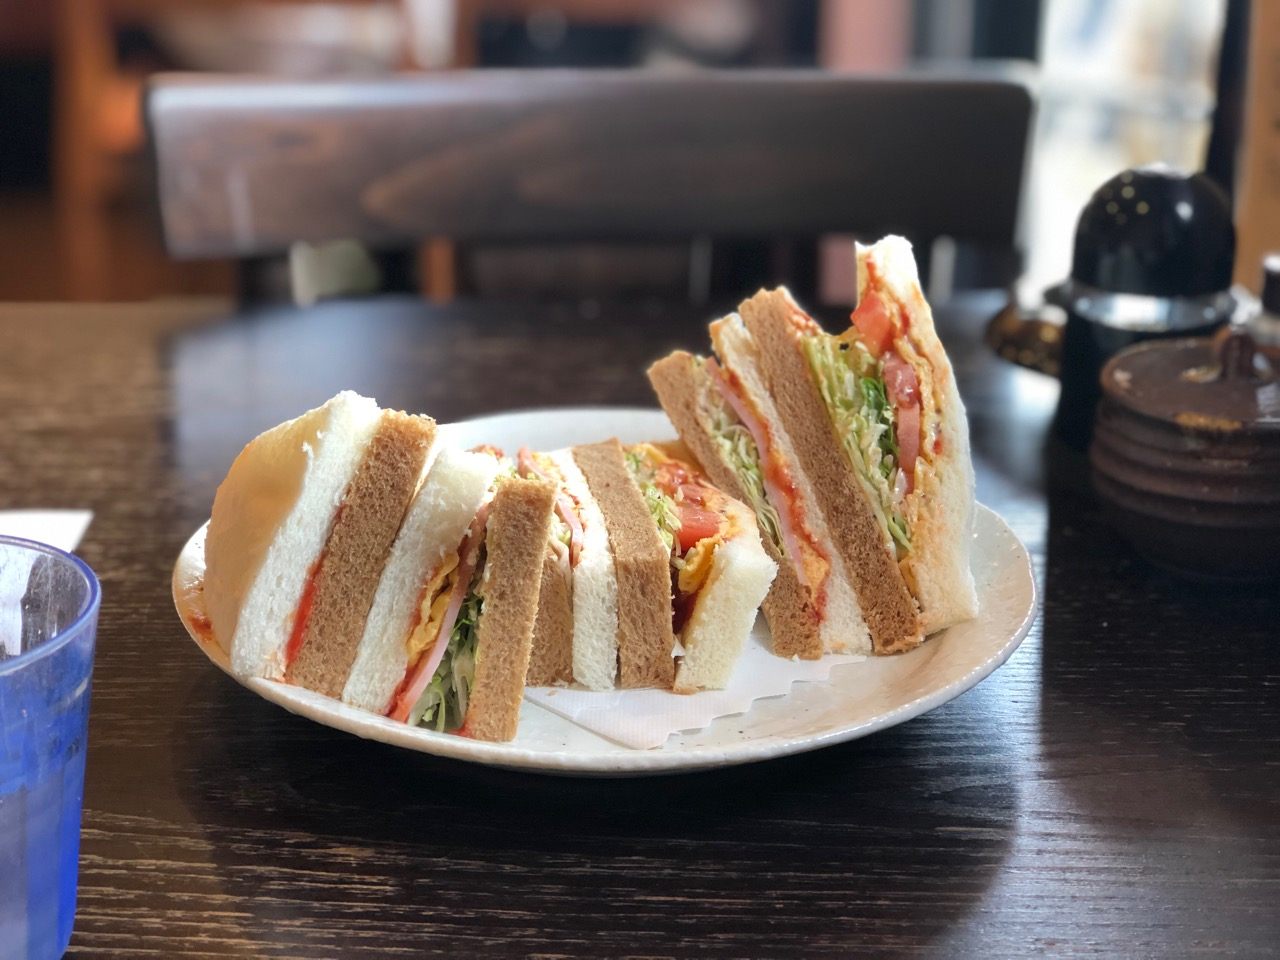 有松|地域のあたたかさを感じる喫茶店でまったりしませんか?